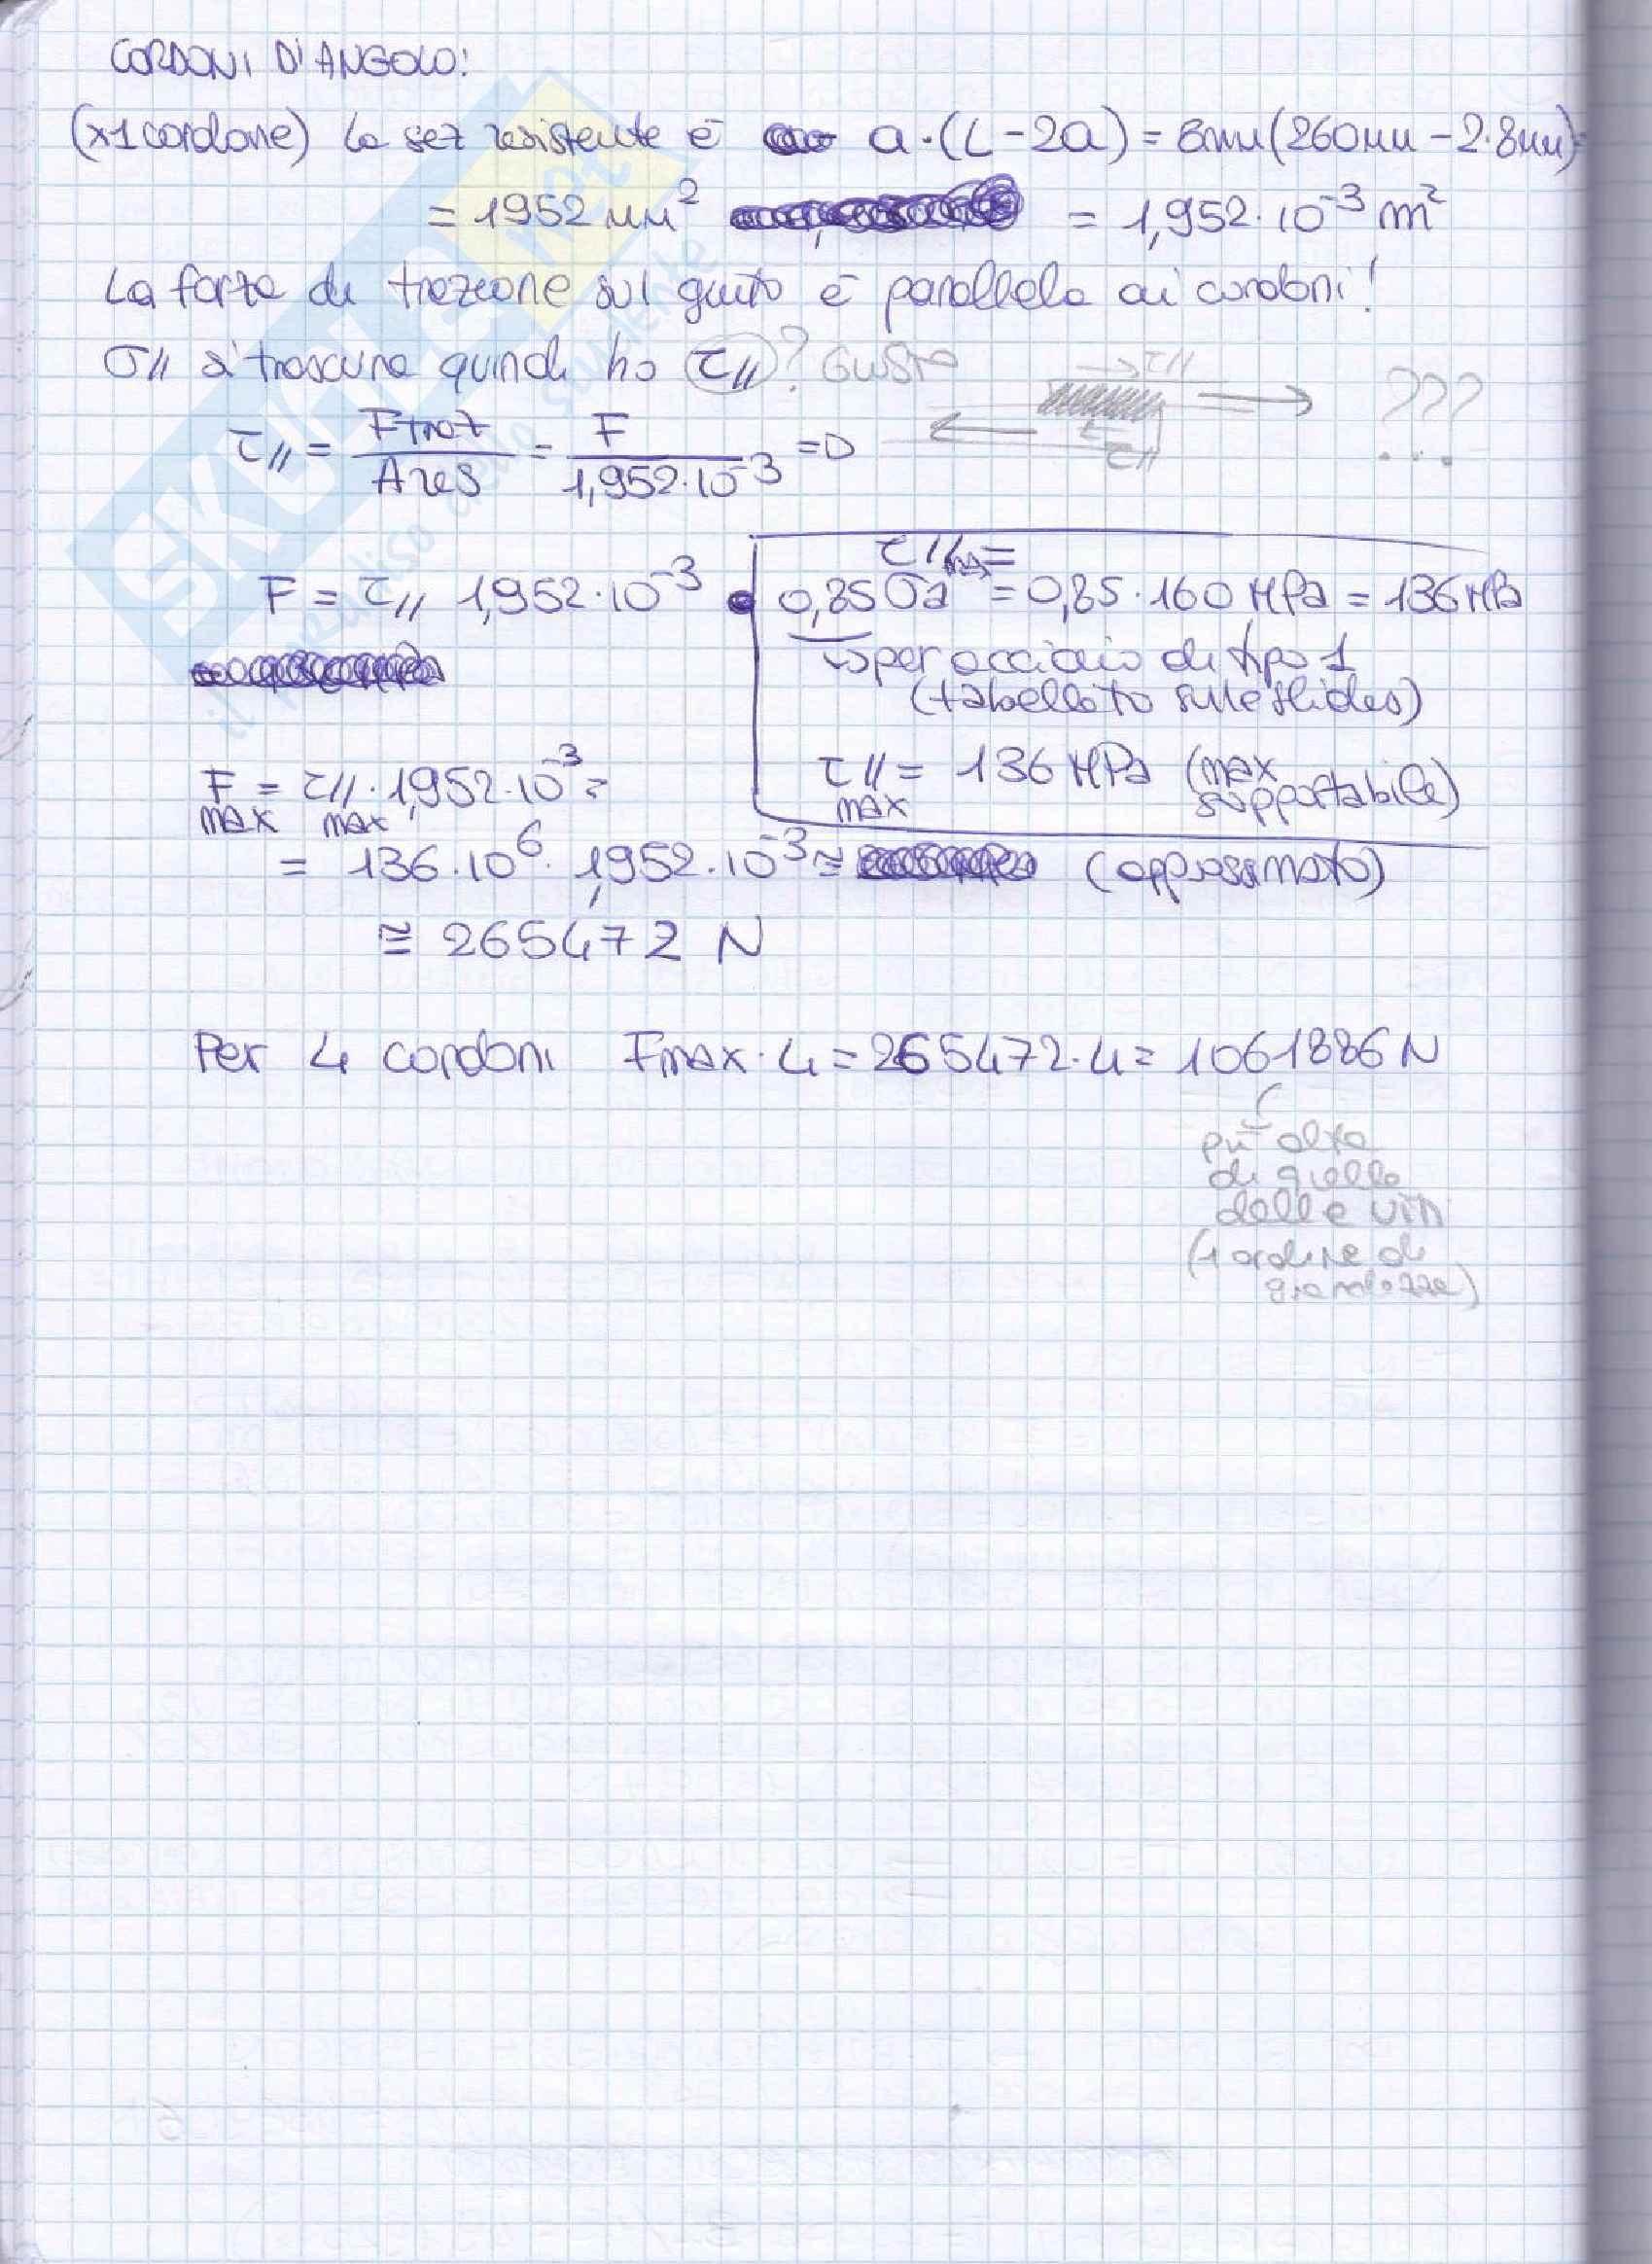 Elementi costruttivi delle macchine - Esercizi esame svolti Pag. 56